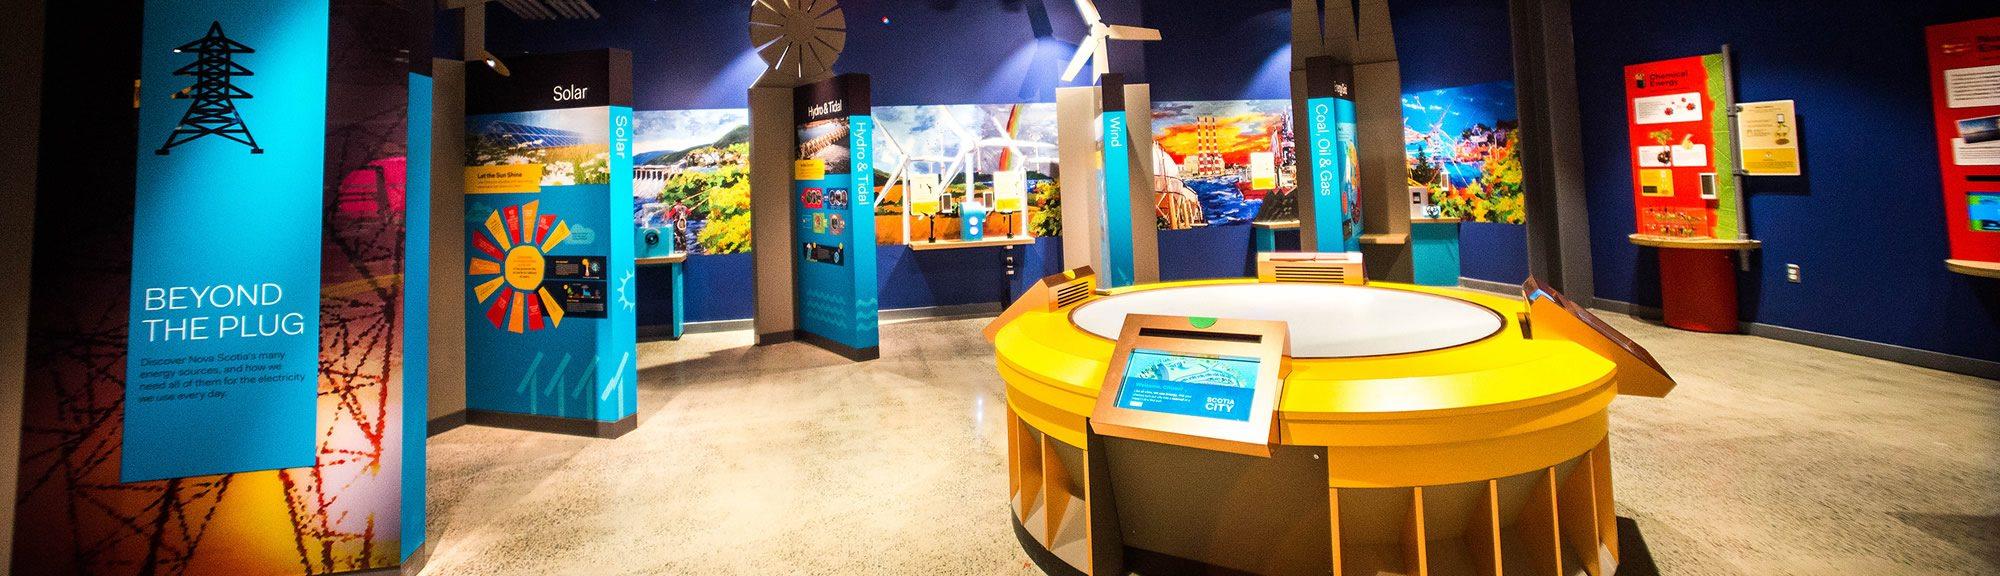 Nova Scotia Power Energy Gallery